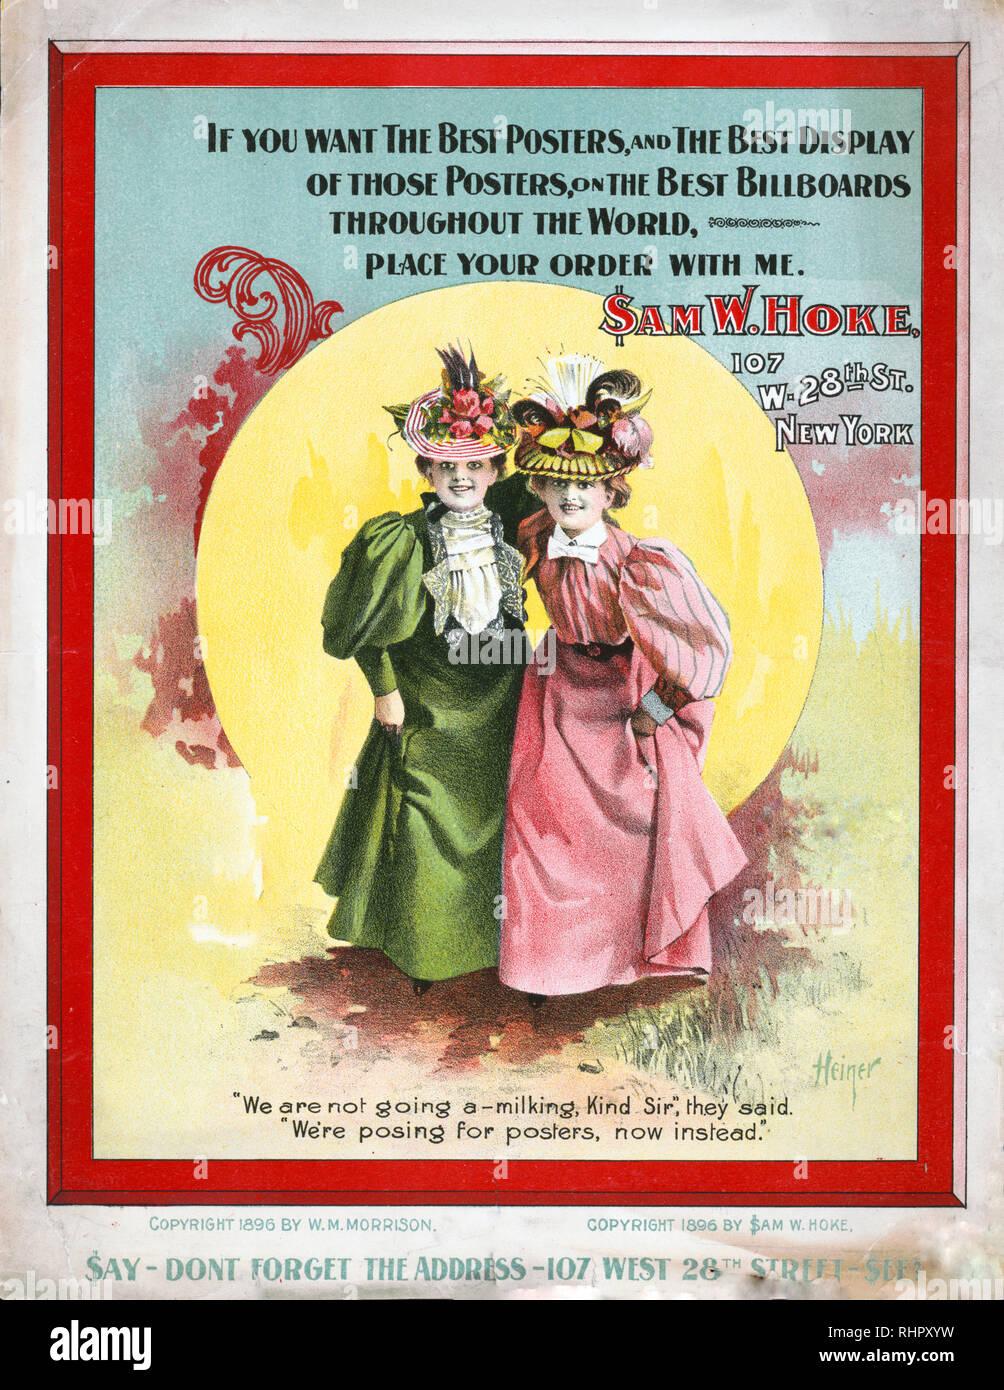 """Imprimer montre deux jeunes femmes robe mode posant devant un grand soleil pour une publicité pour l'imprimante affiche Sam W. Hoke, qui utilise constamment le signe dollar """"$"""" pour remplacer le symbole S dans son prénom. Photo Stock"""